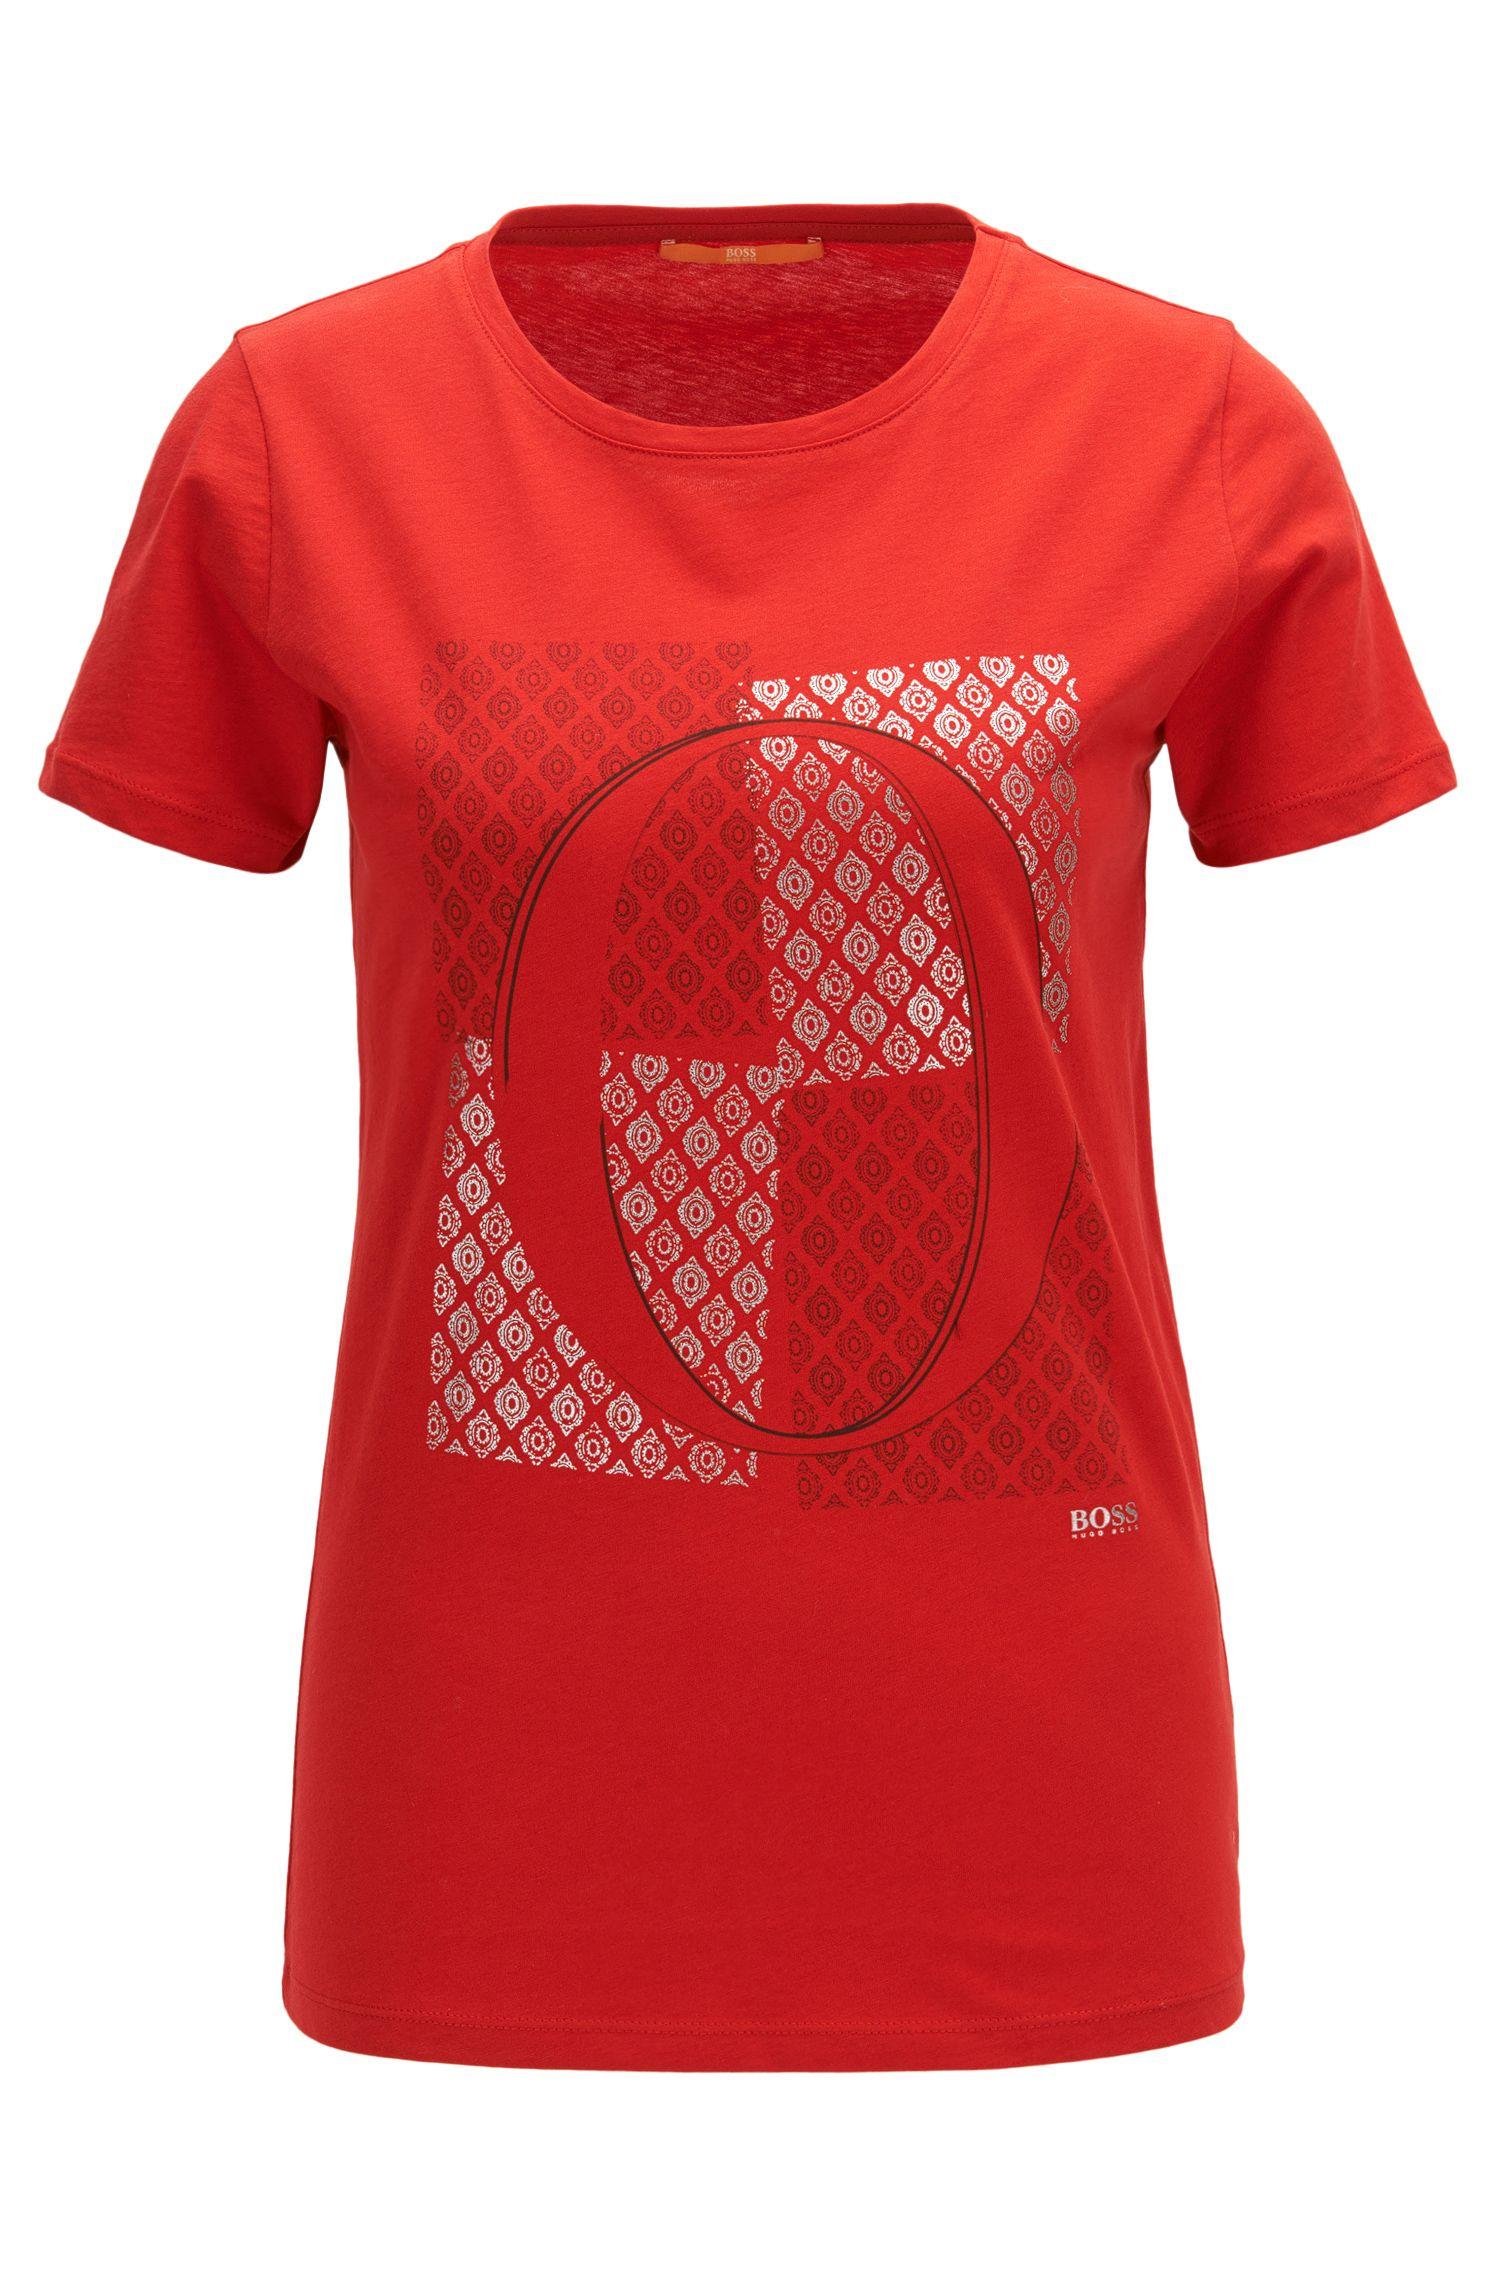 Camiseta slim fit de algodón con estampado de emblema